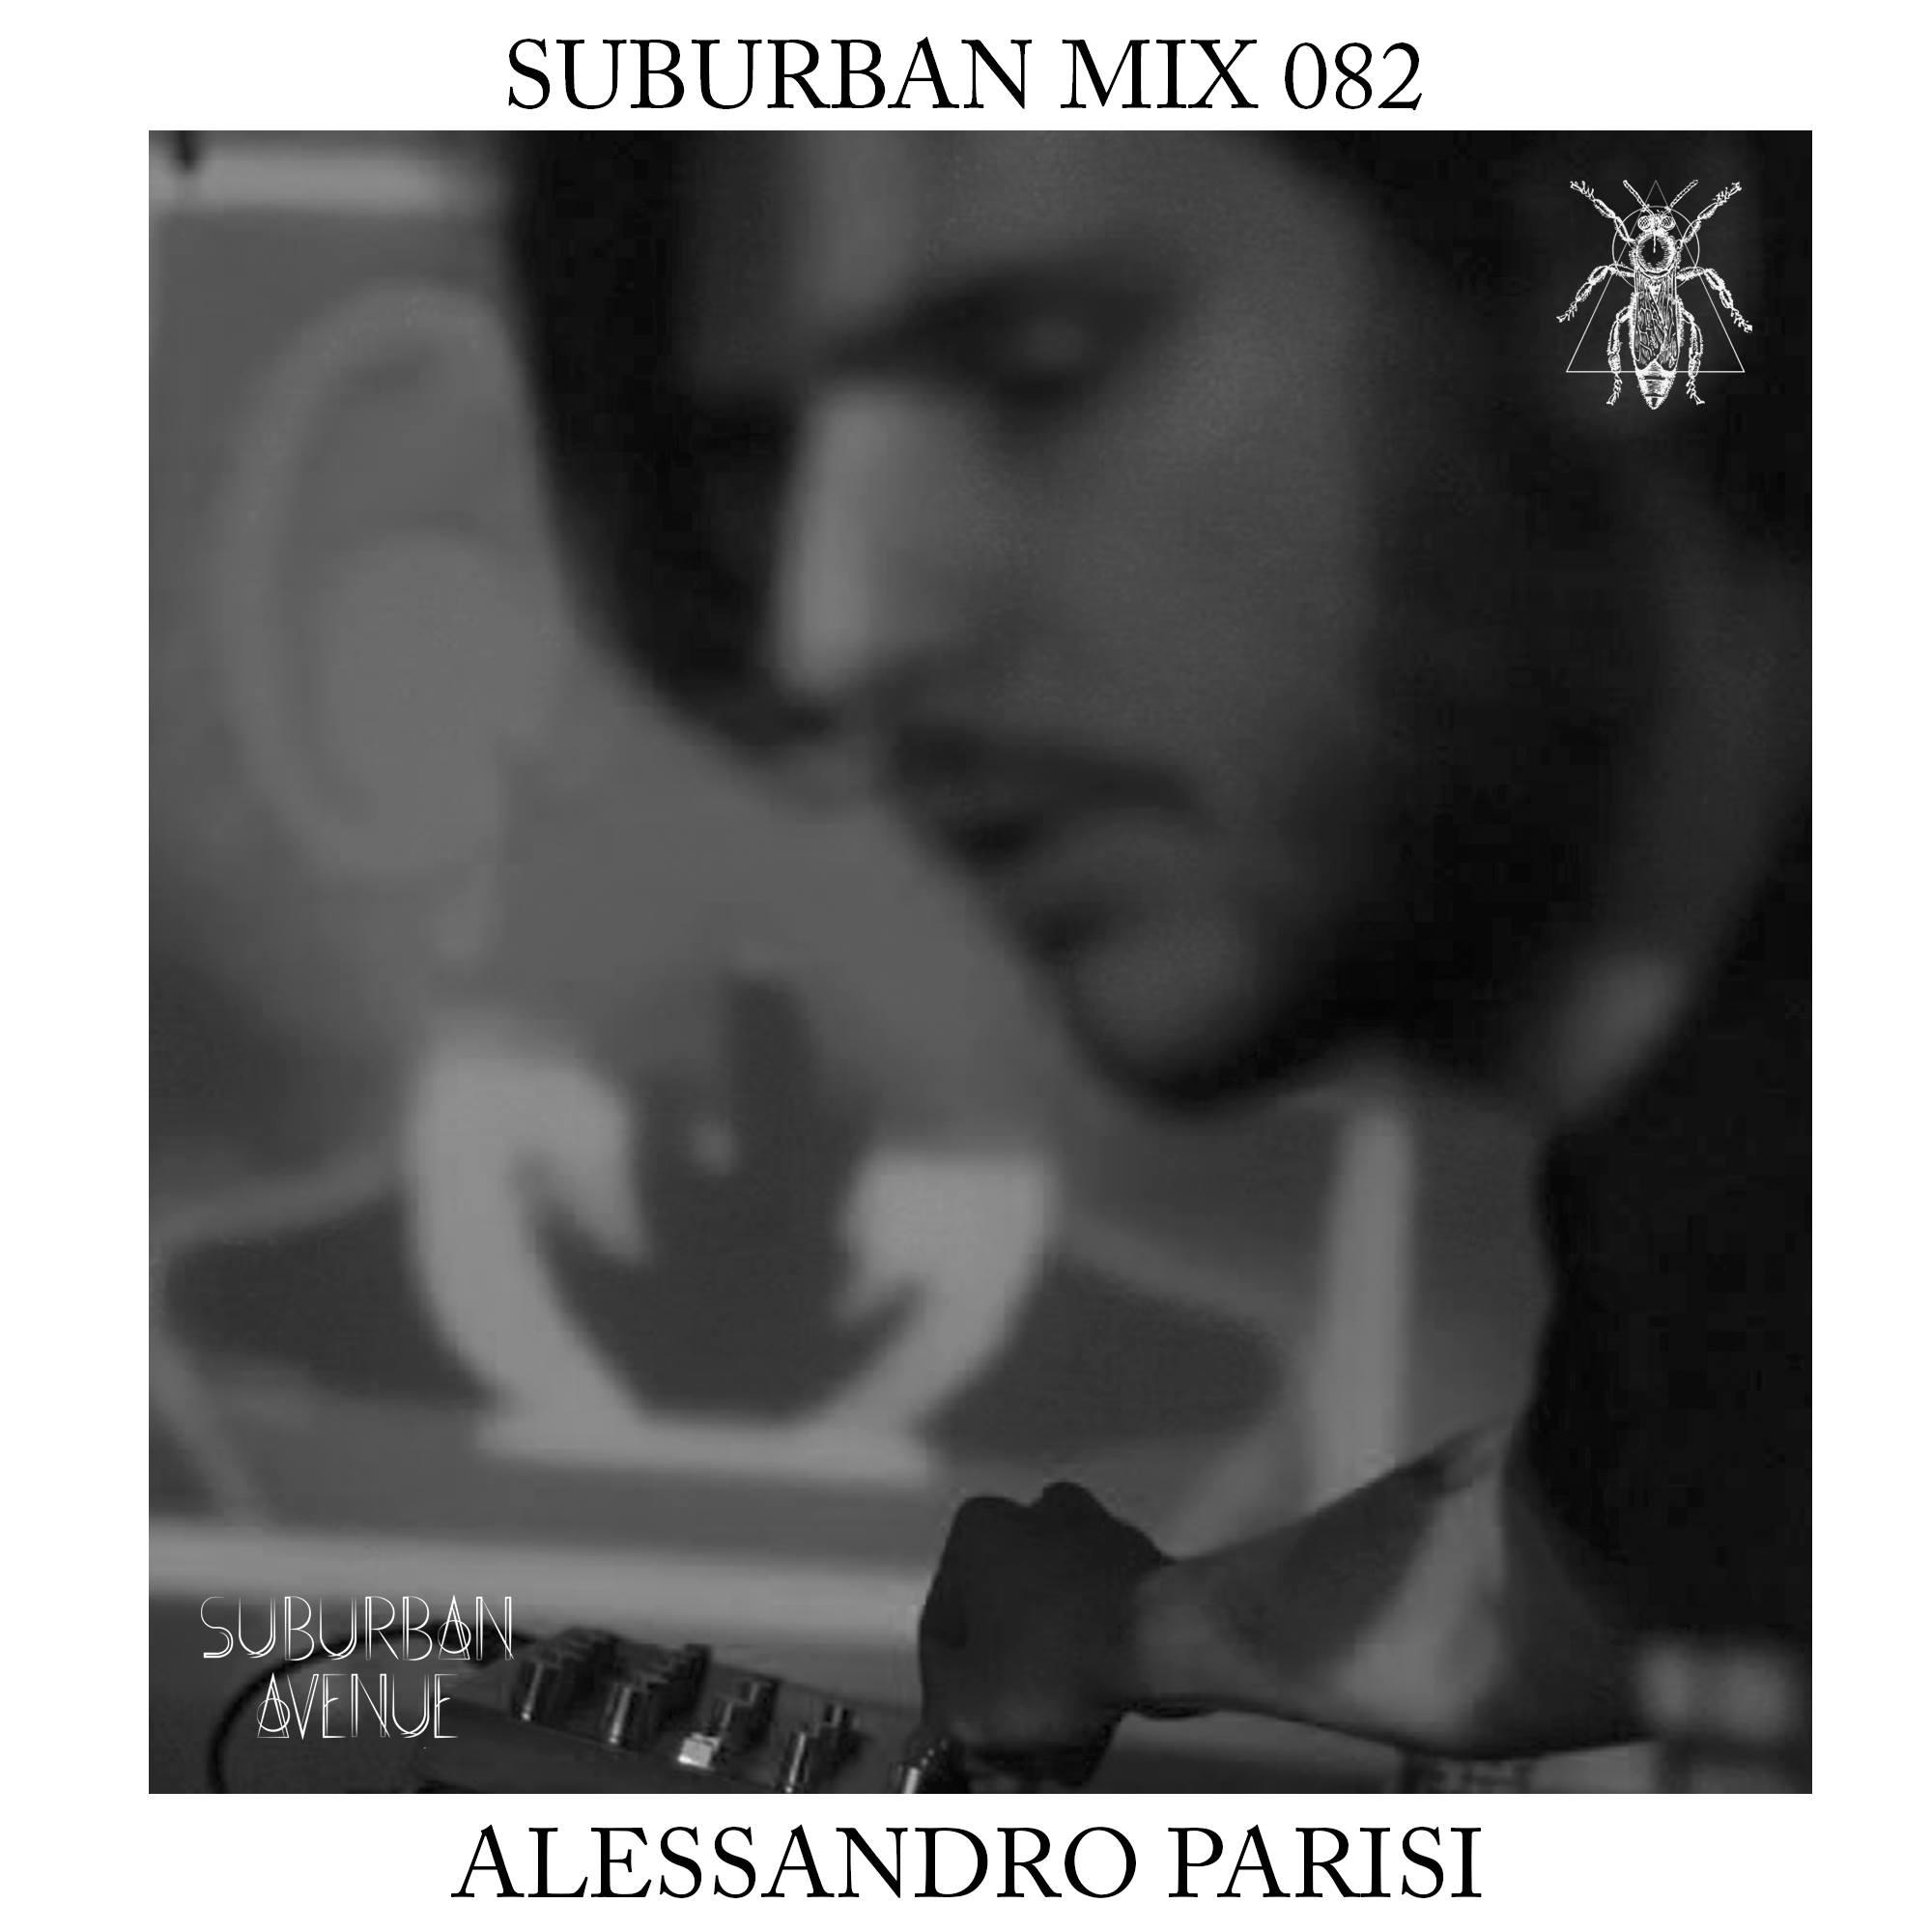 Suburban Mix 082 - Alessandro Parisi